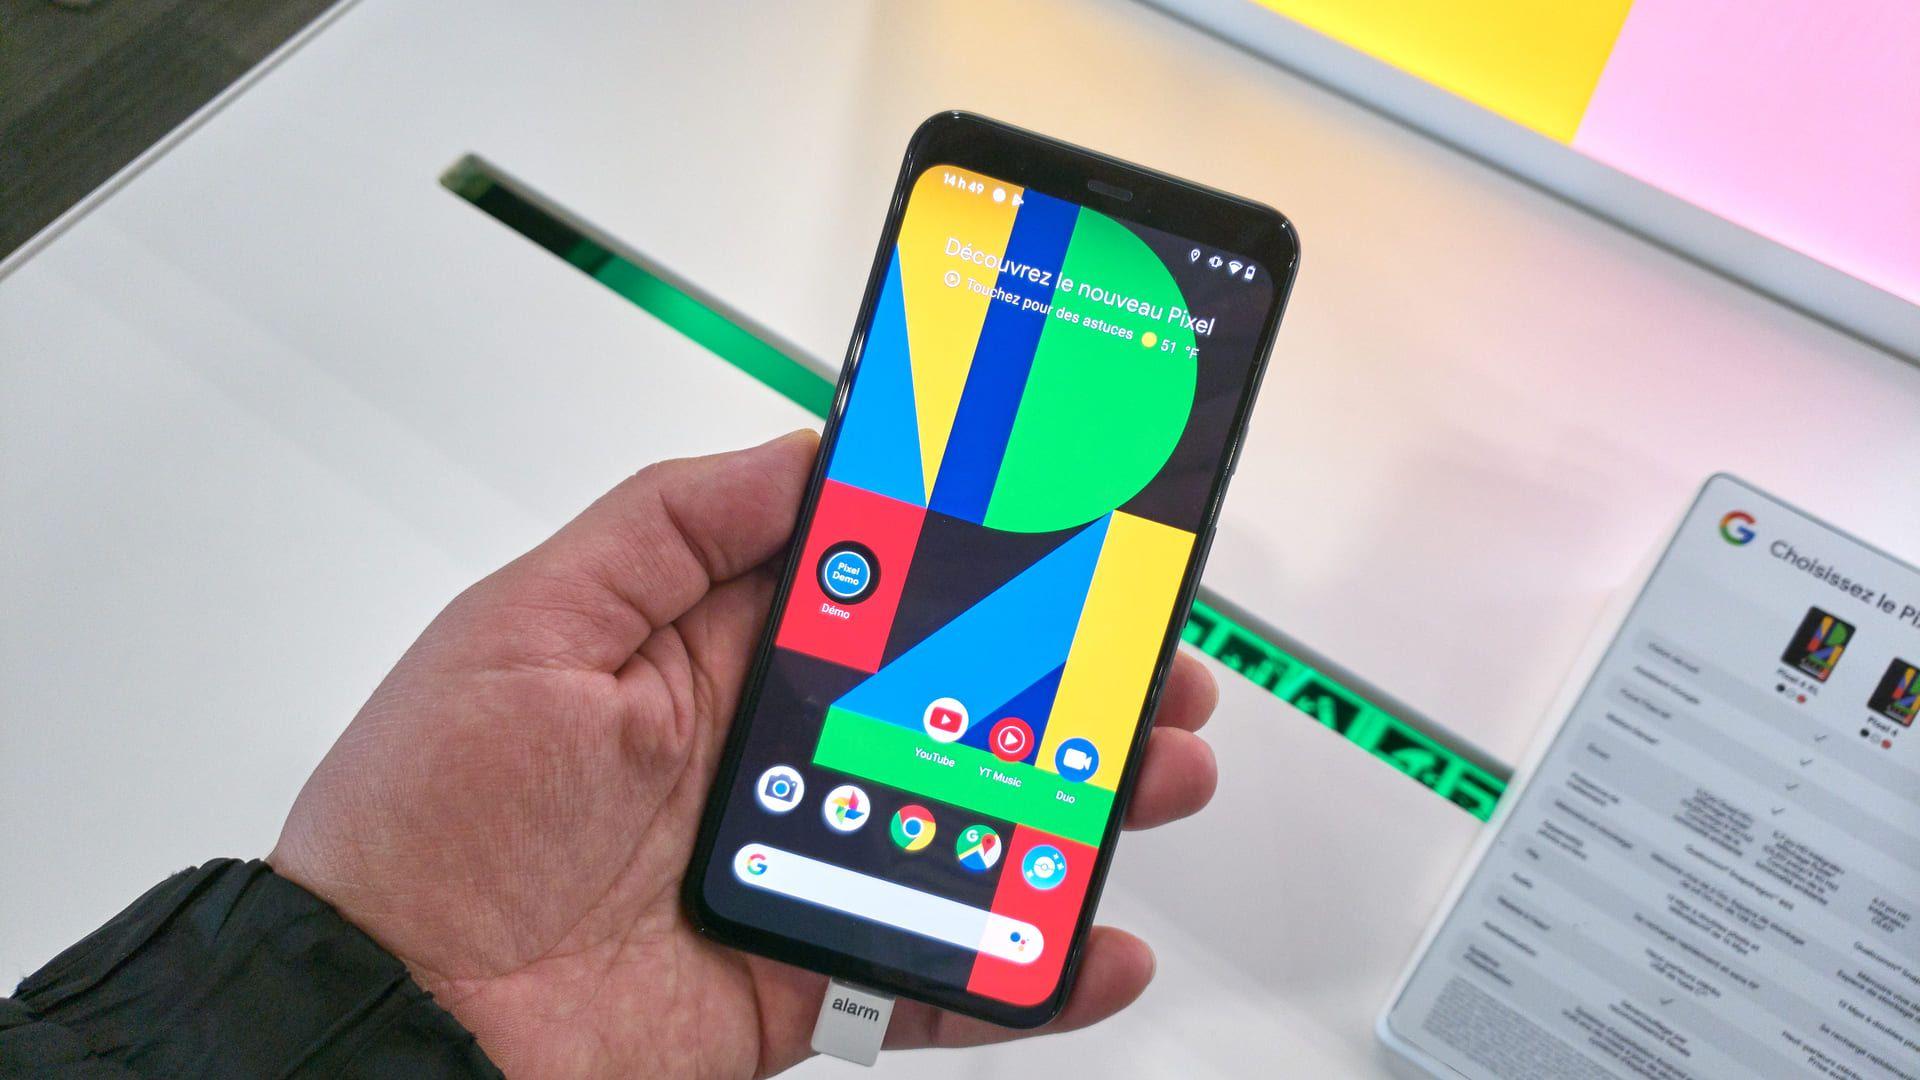 Os celulares Google Pixel possuem atualizações Android antes das outras fábricantes. (Foto: Shutterstock)